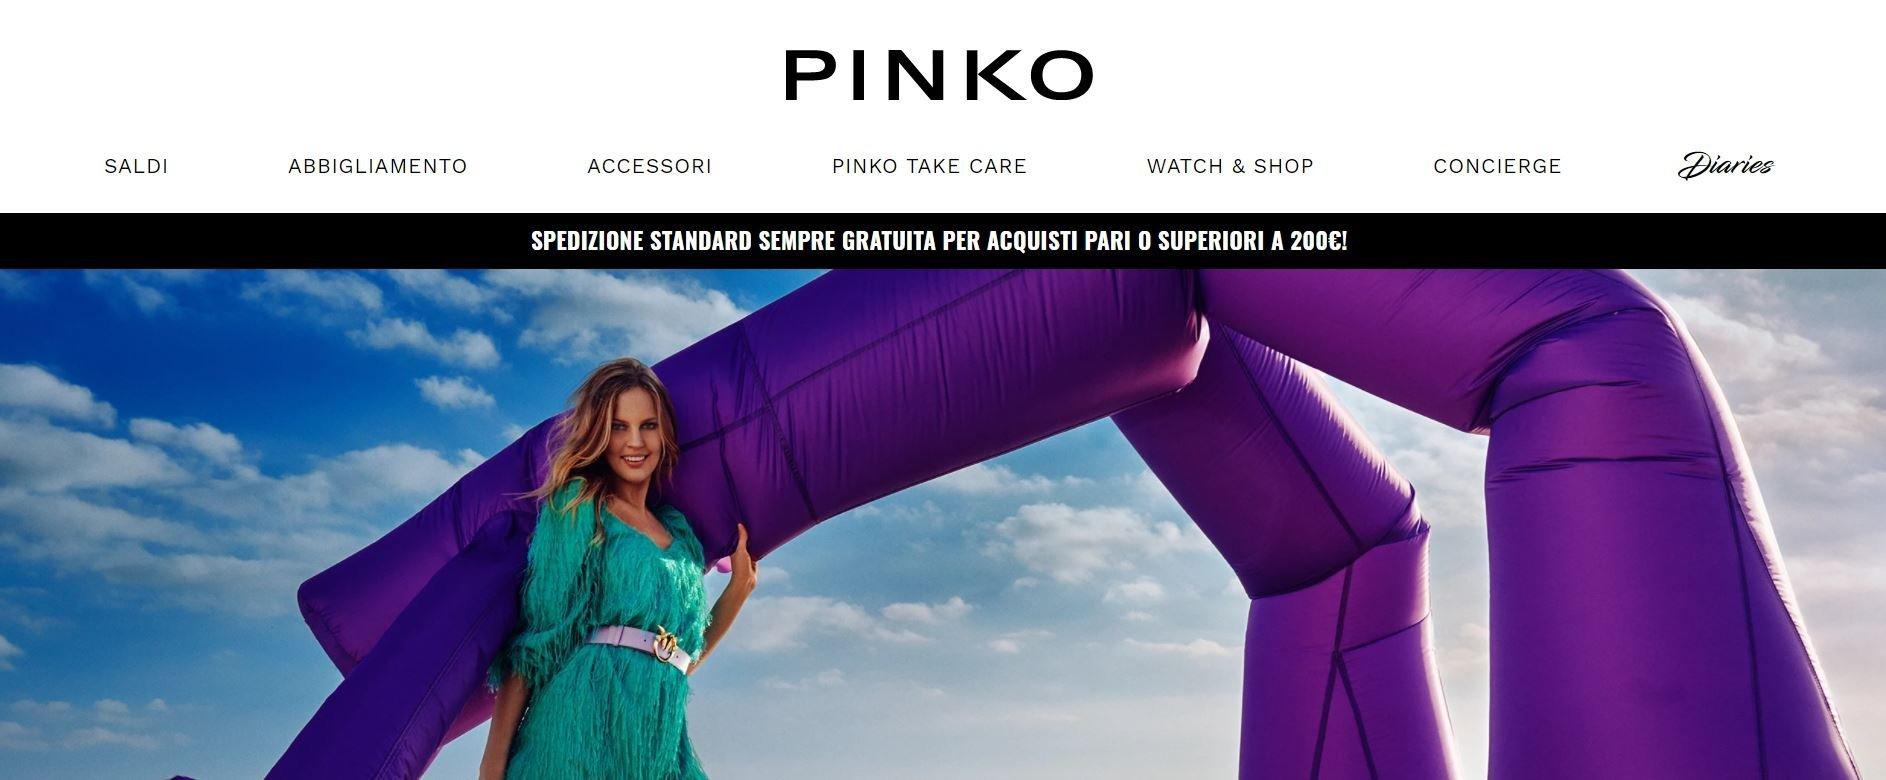 pinko - 2